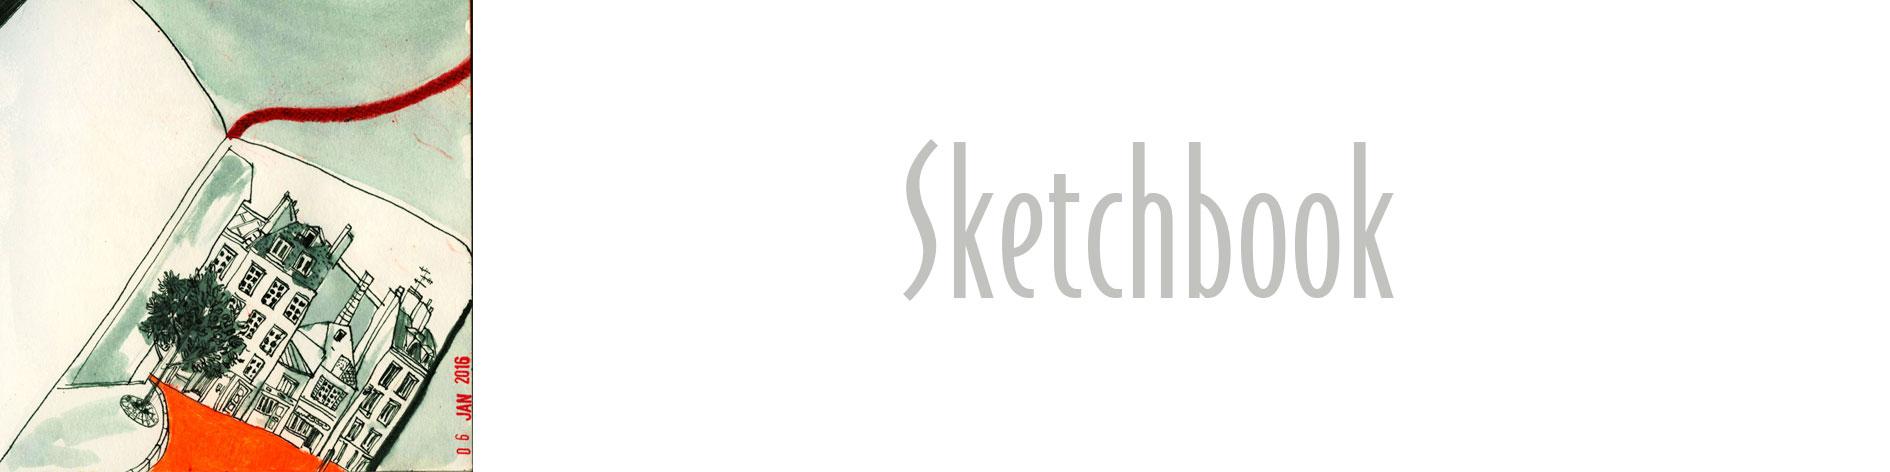 bannière sketchbook